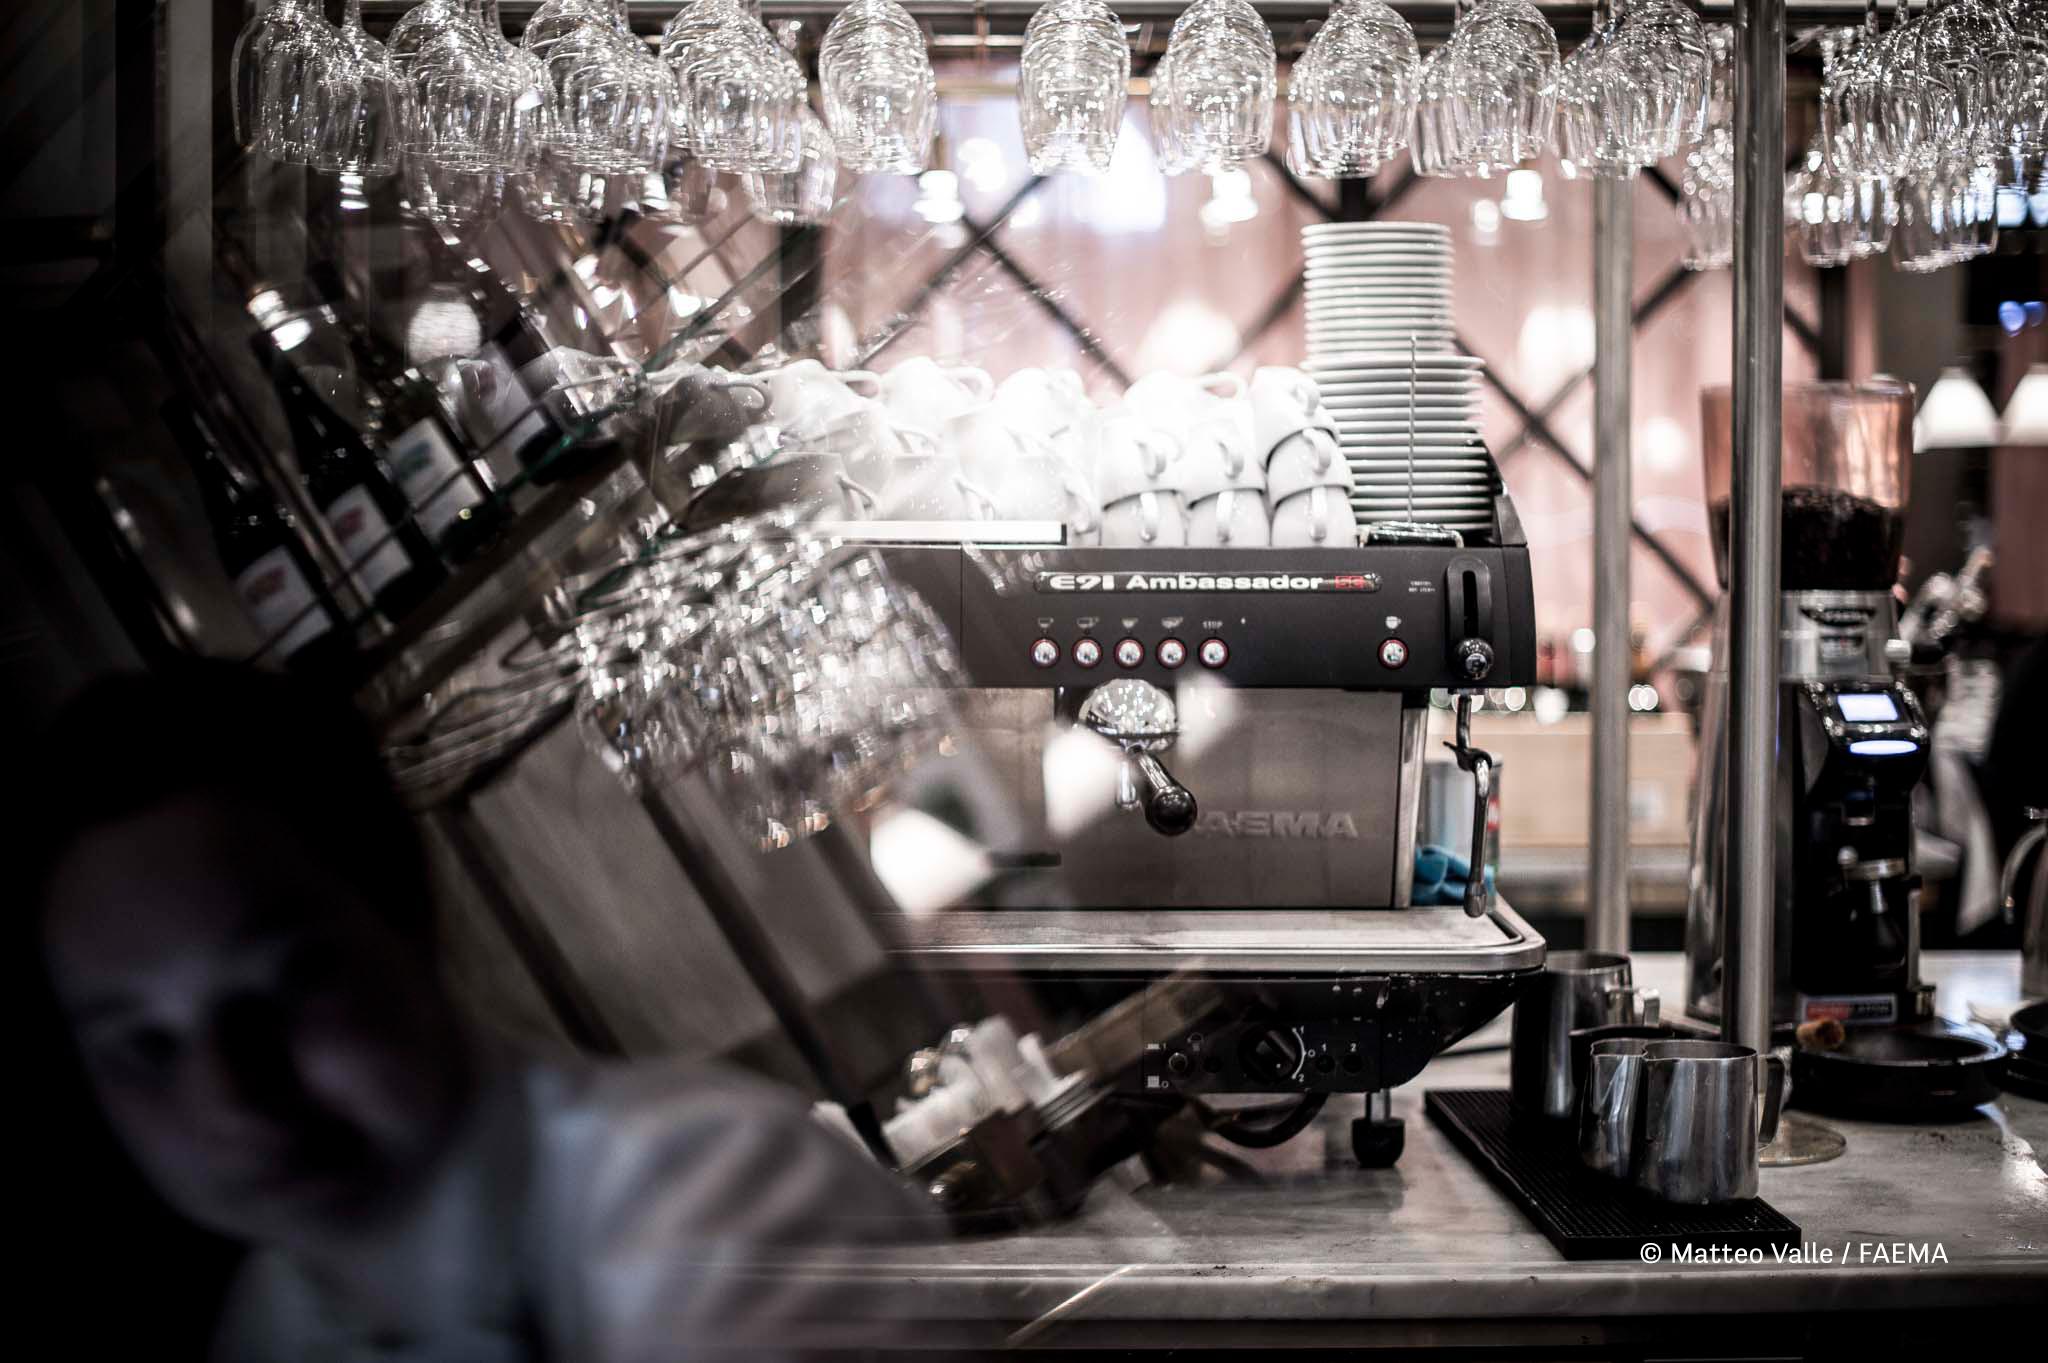 Matteo Valle, fotografia realizzata per Gruppo Cimbali - Faema, mostra 'Express Your Art', MUMAC - Museo della Macchina per Caffè, Binasco (Milano), 30 maggio - 30 ottobre 2016